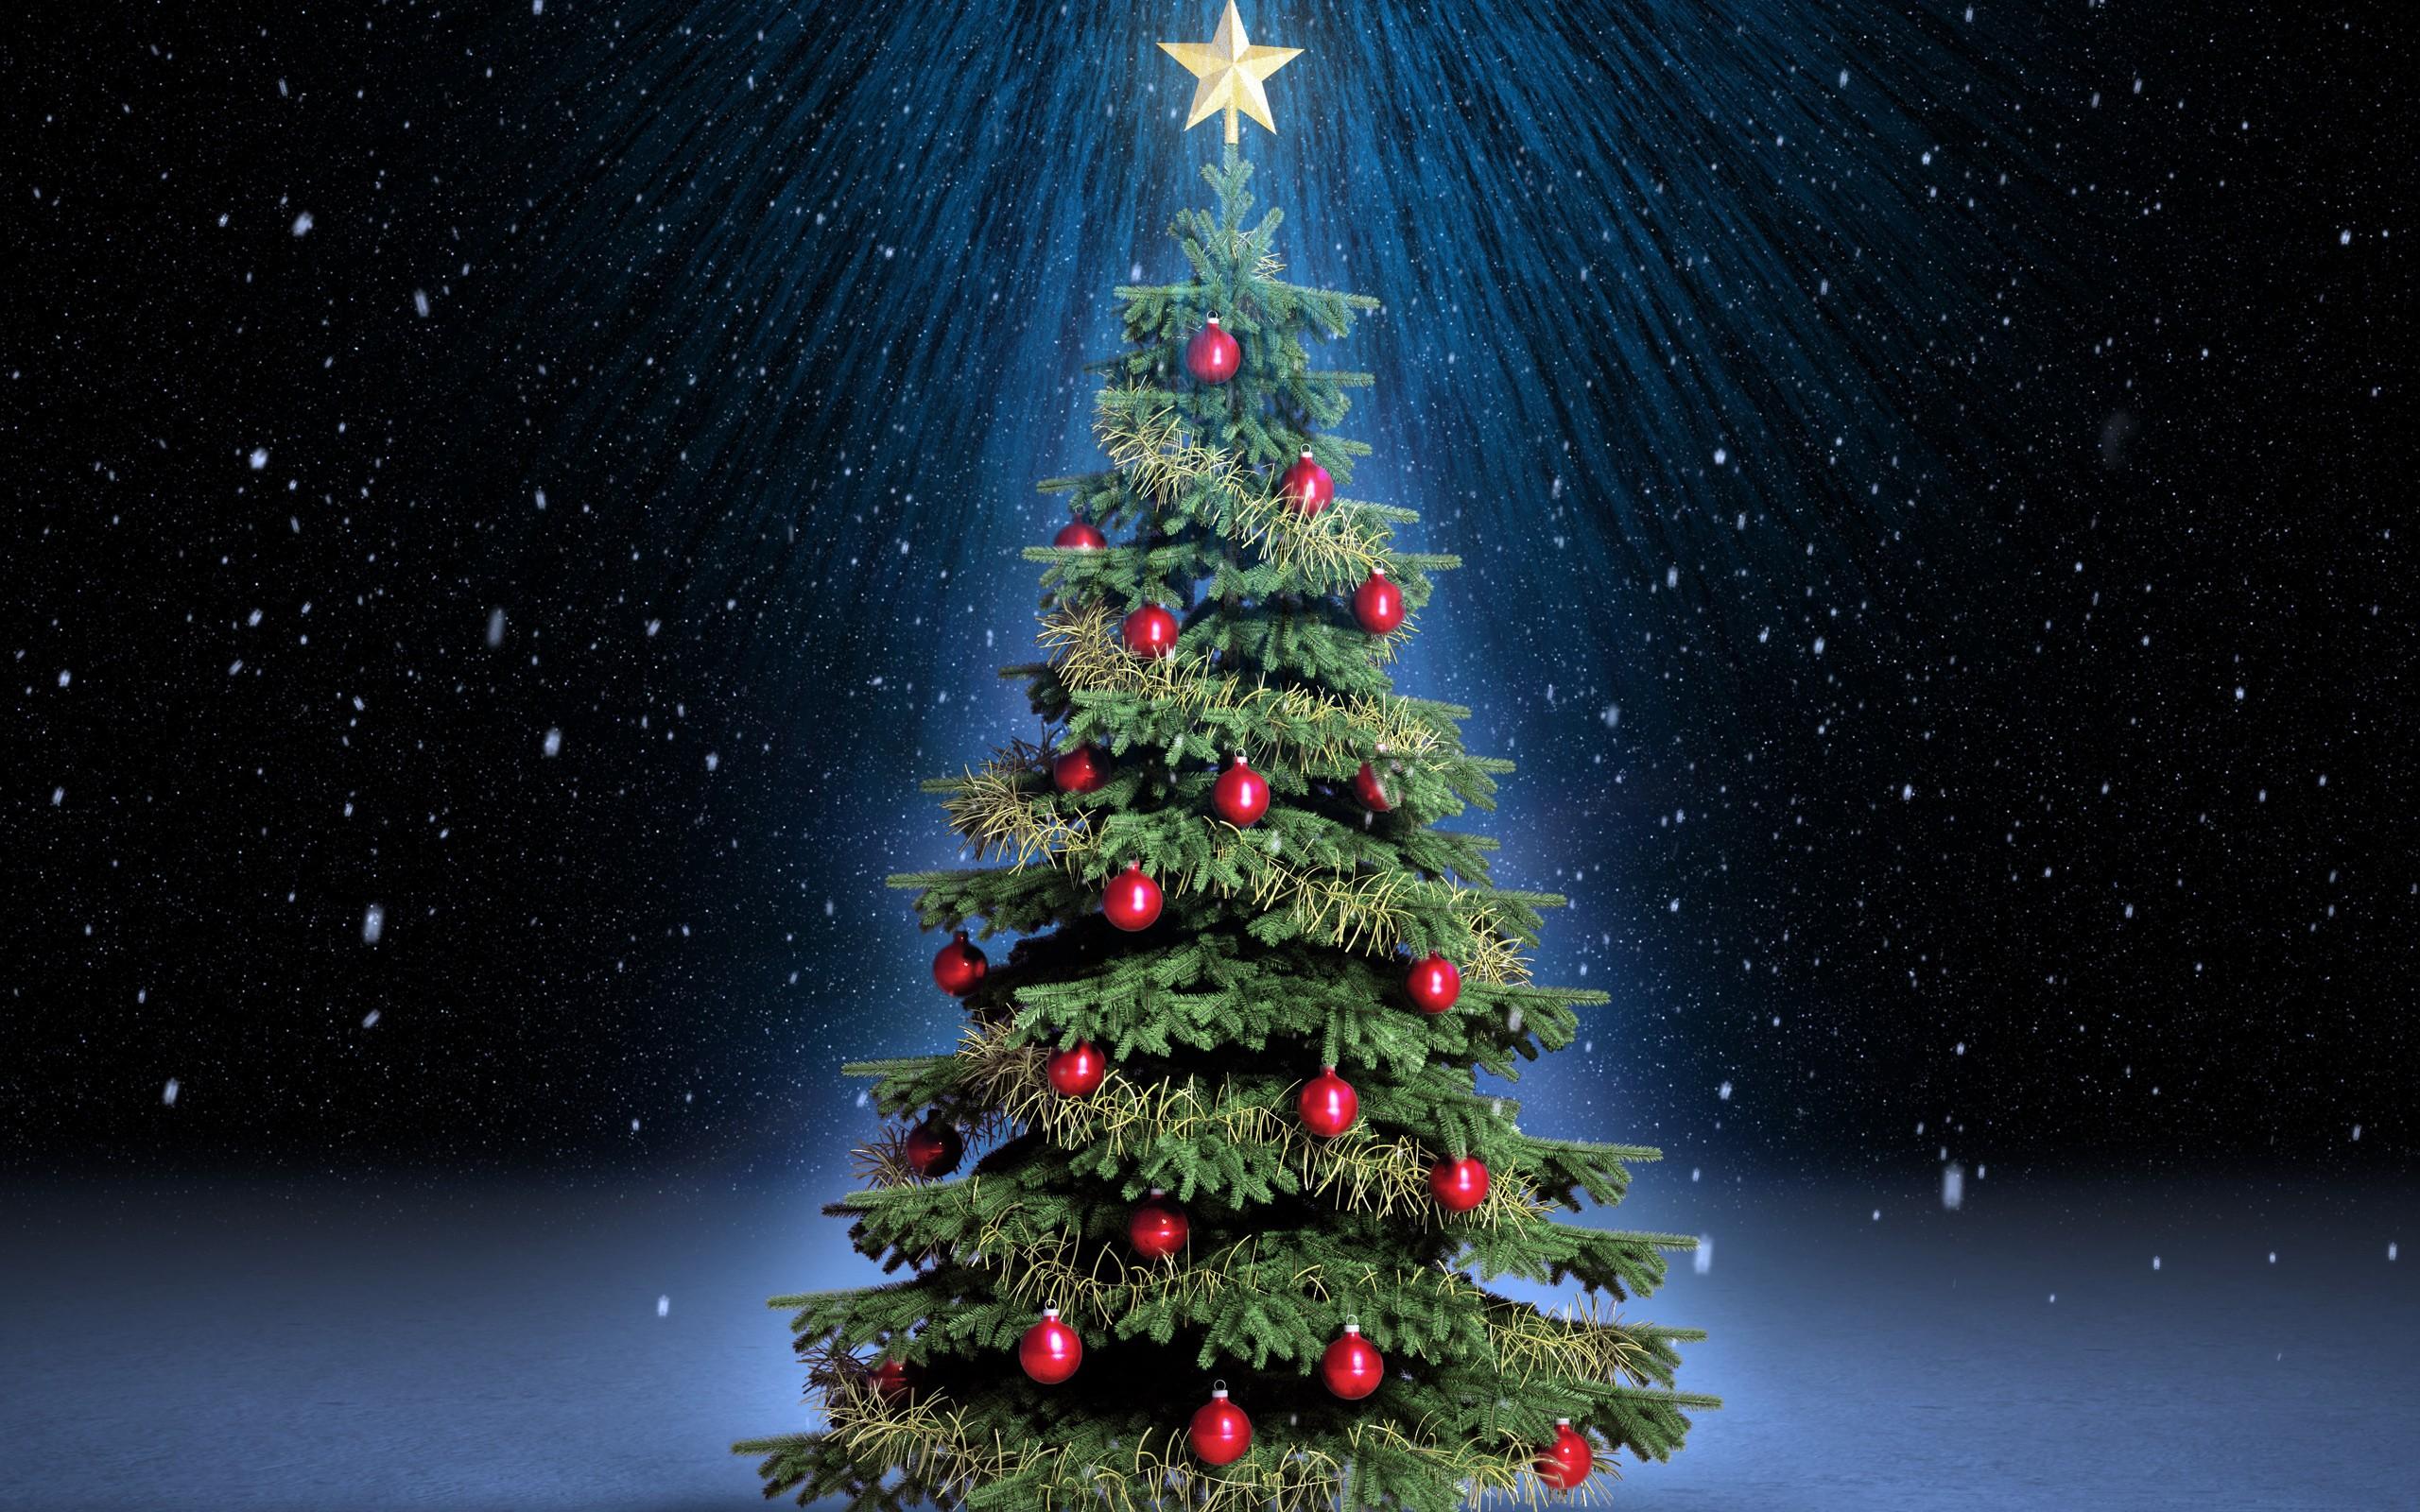 Arbol de navidad con fondo de estrellas - 2560x1600